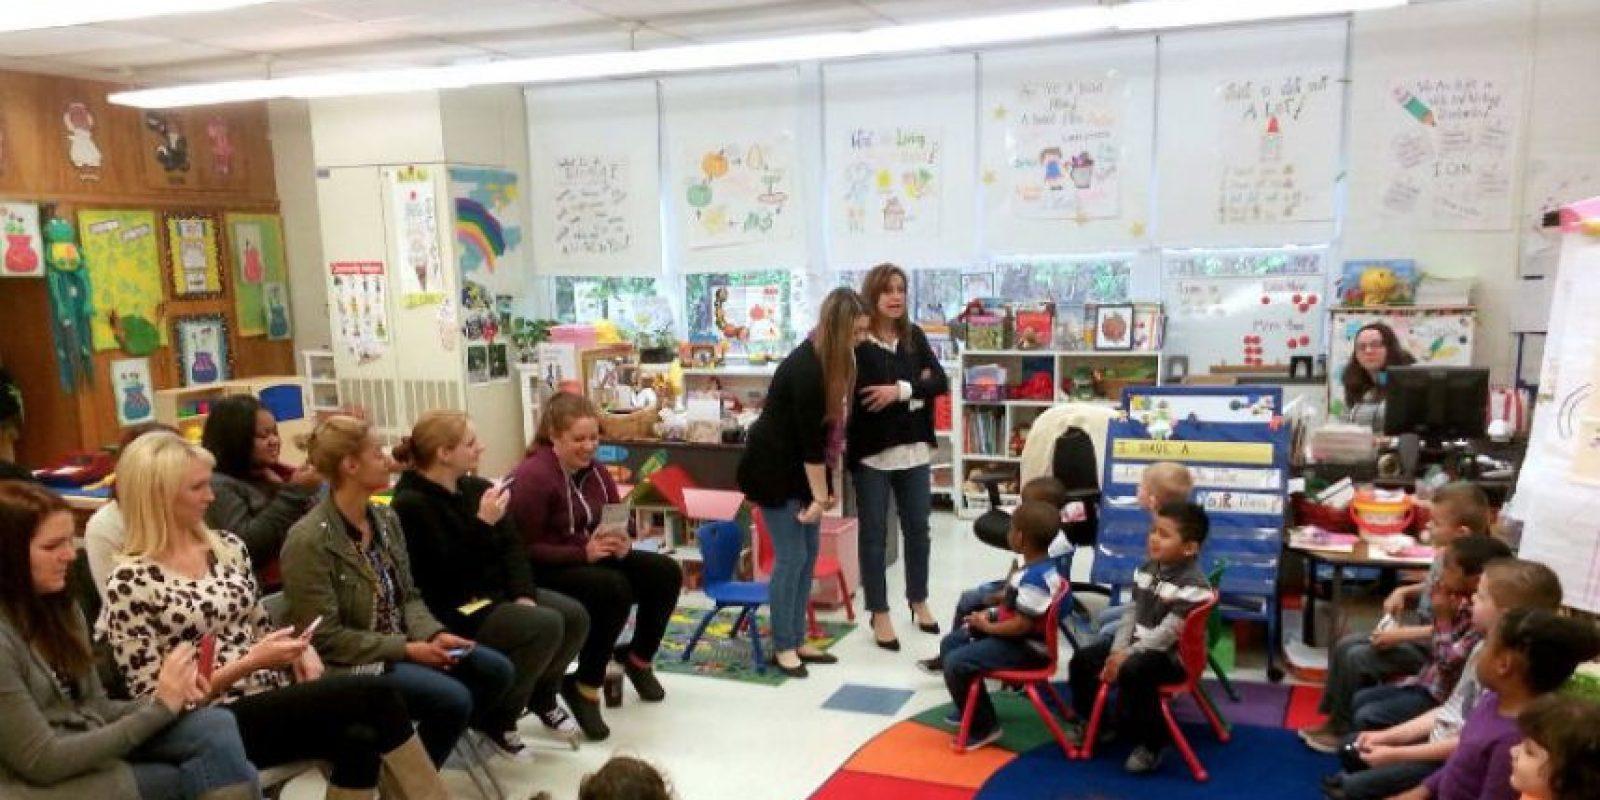 Ella aseguró al diario Huffington Post lo bien que siente ser apreciada. Foto:facebook.com/WoodburyCityPublicSchools